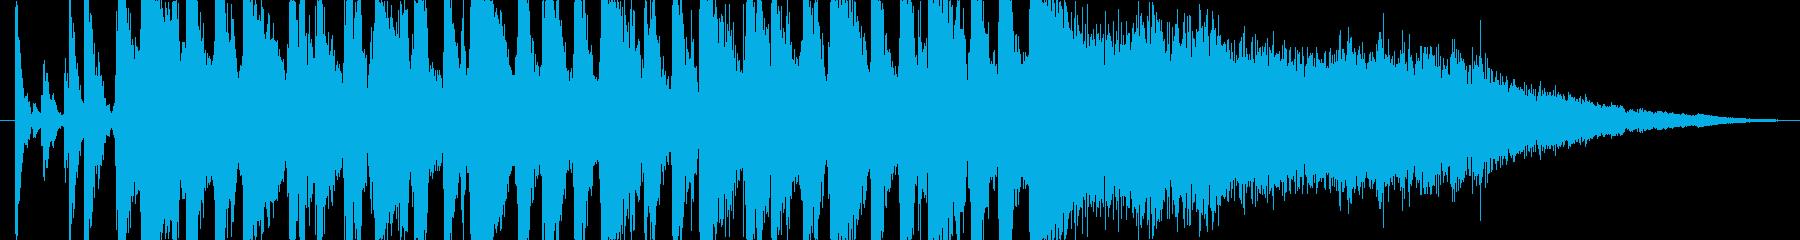 【CM・ジングル用】疾走感ジャズ・サンバの再生済みの波形